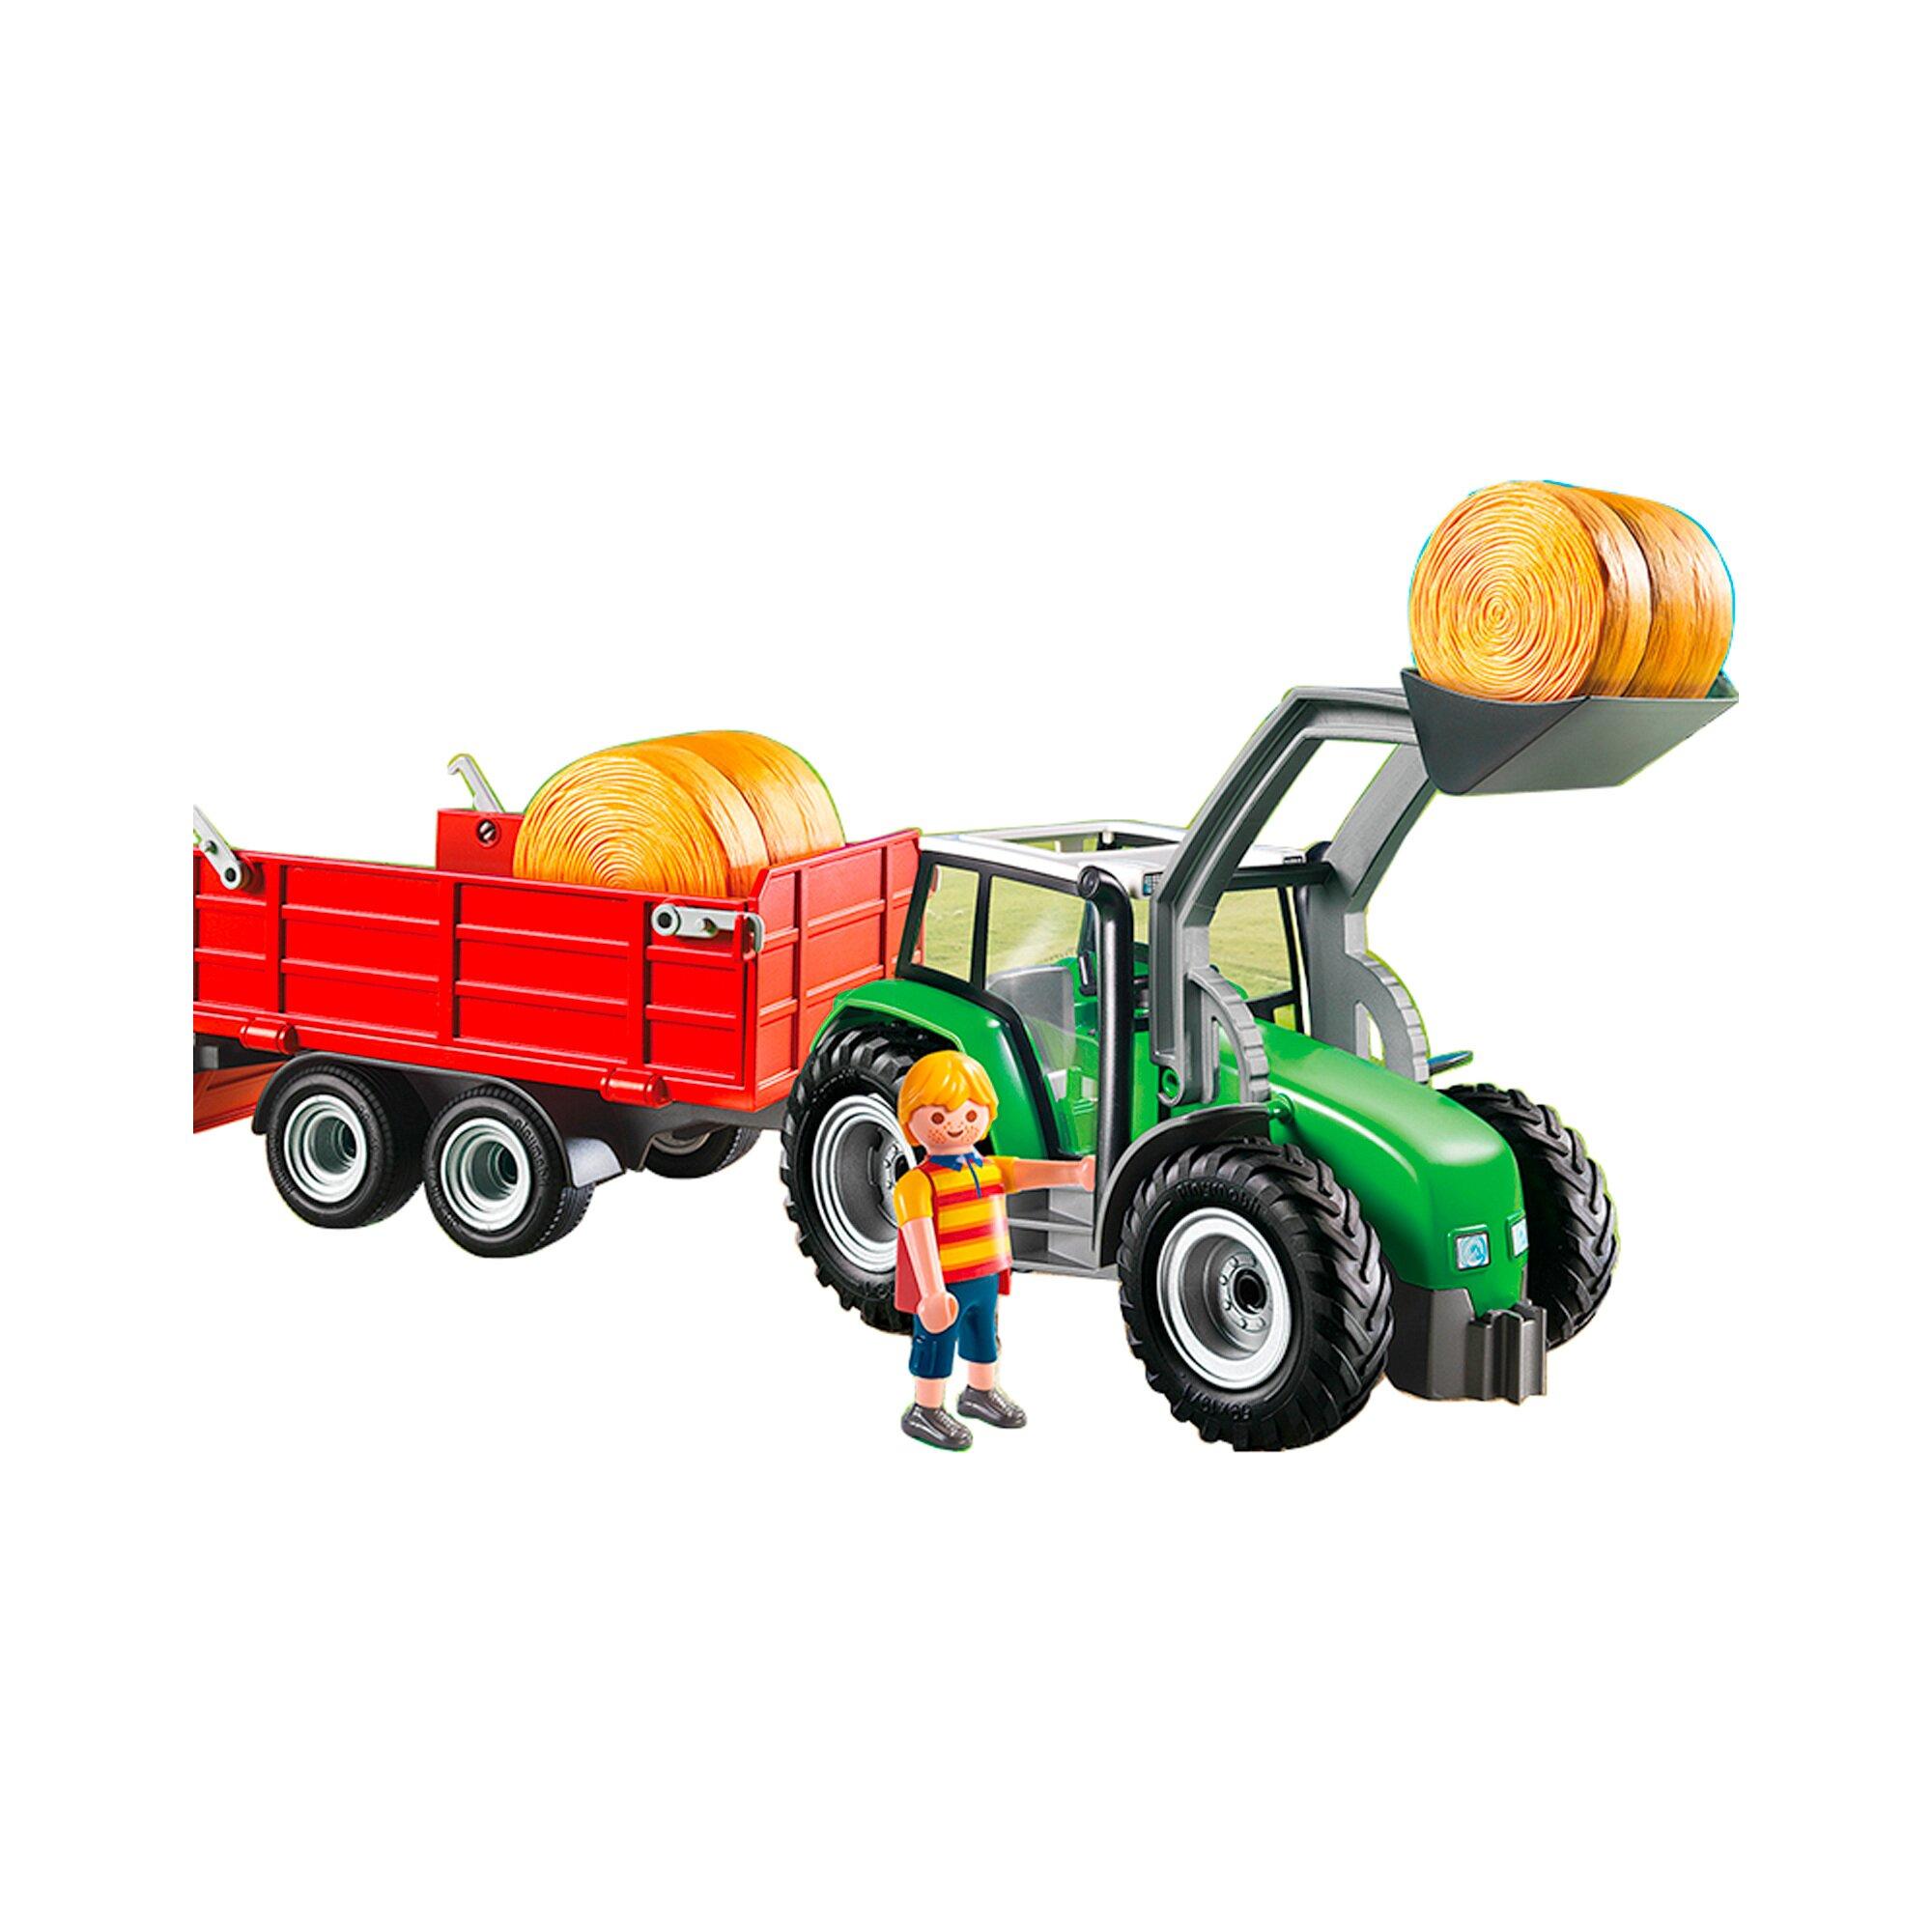 country-6130-gro-er-traktor-mit-anhanger, 28.99 EUR @ babywalz-de